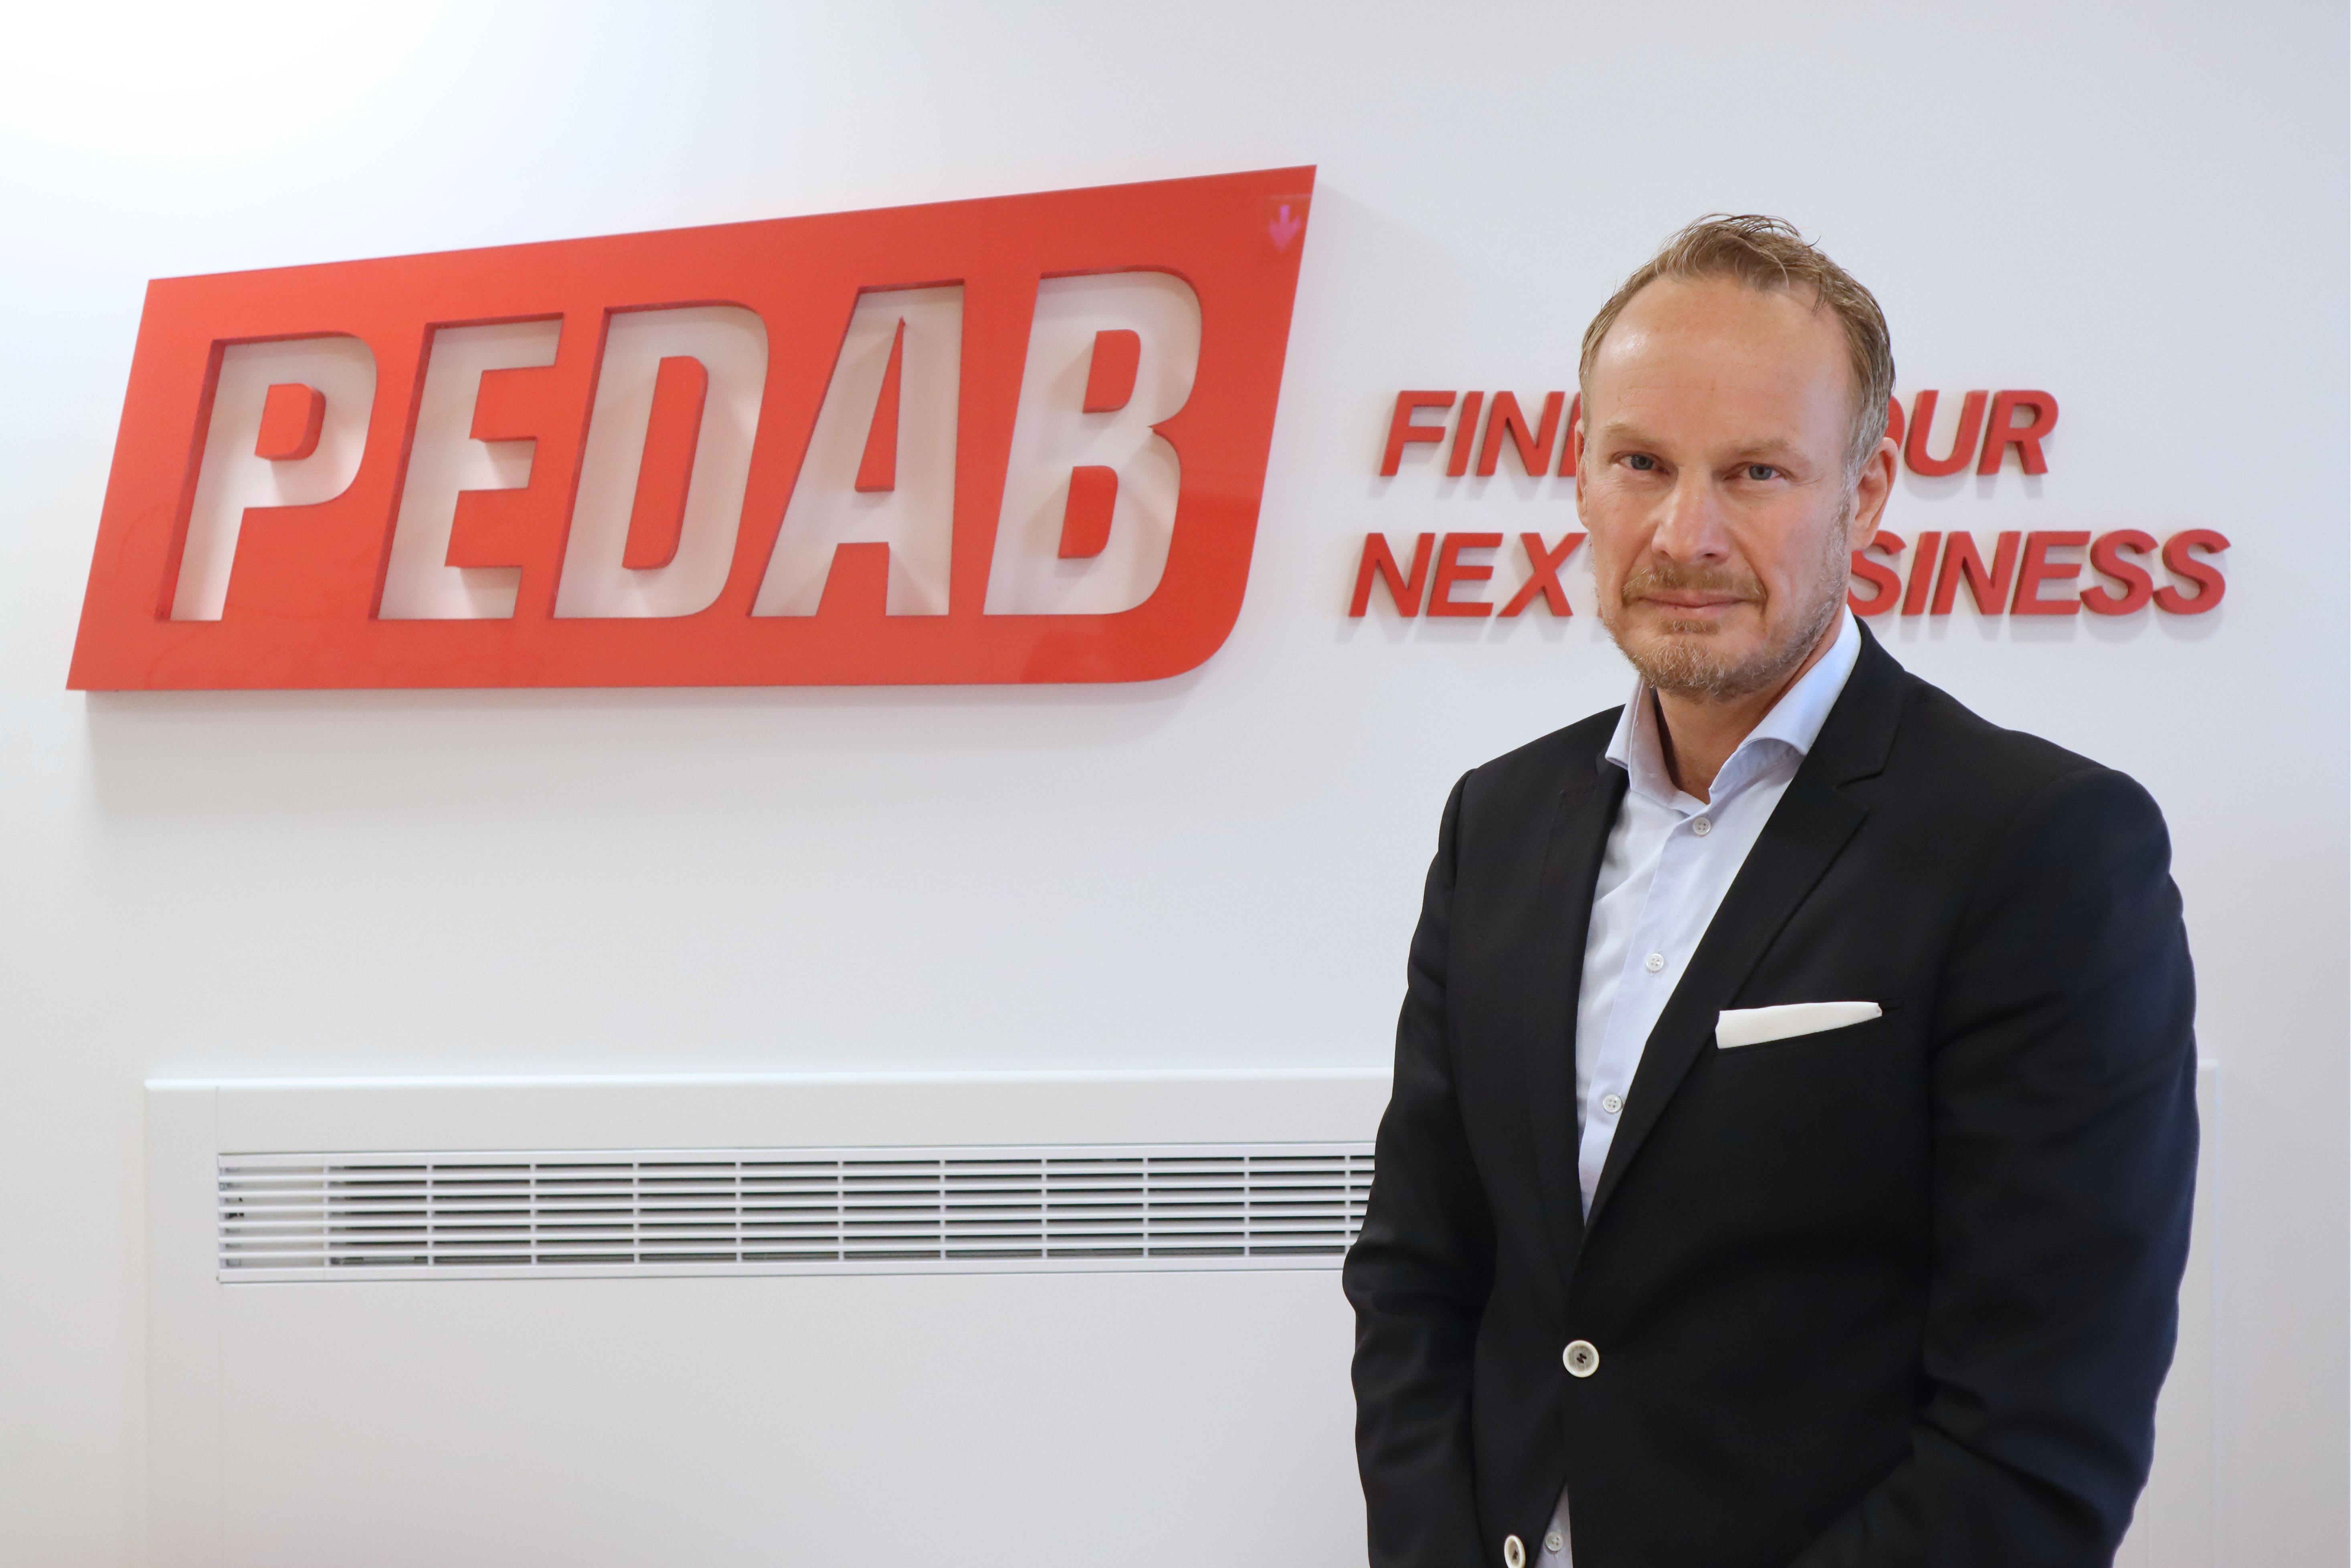 Kim Nordquelle foran hvit vegg med Pedab logo på.